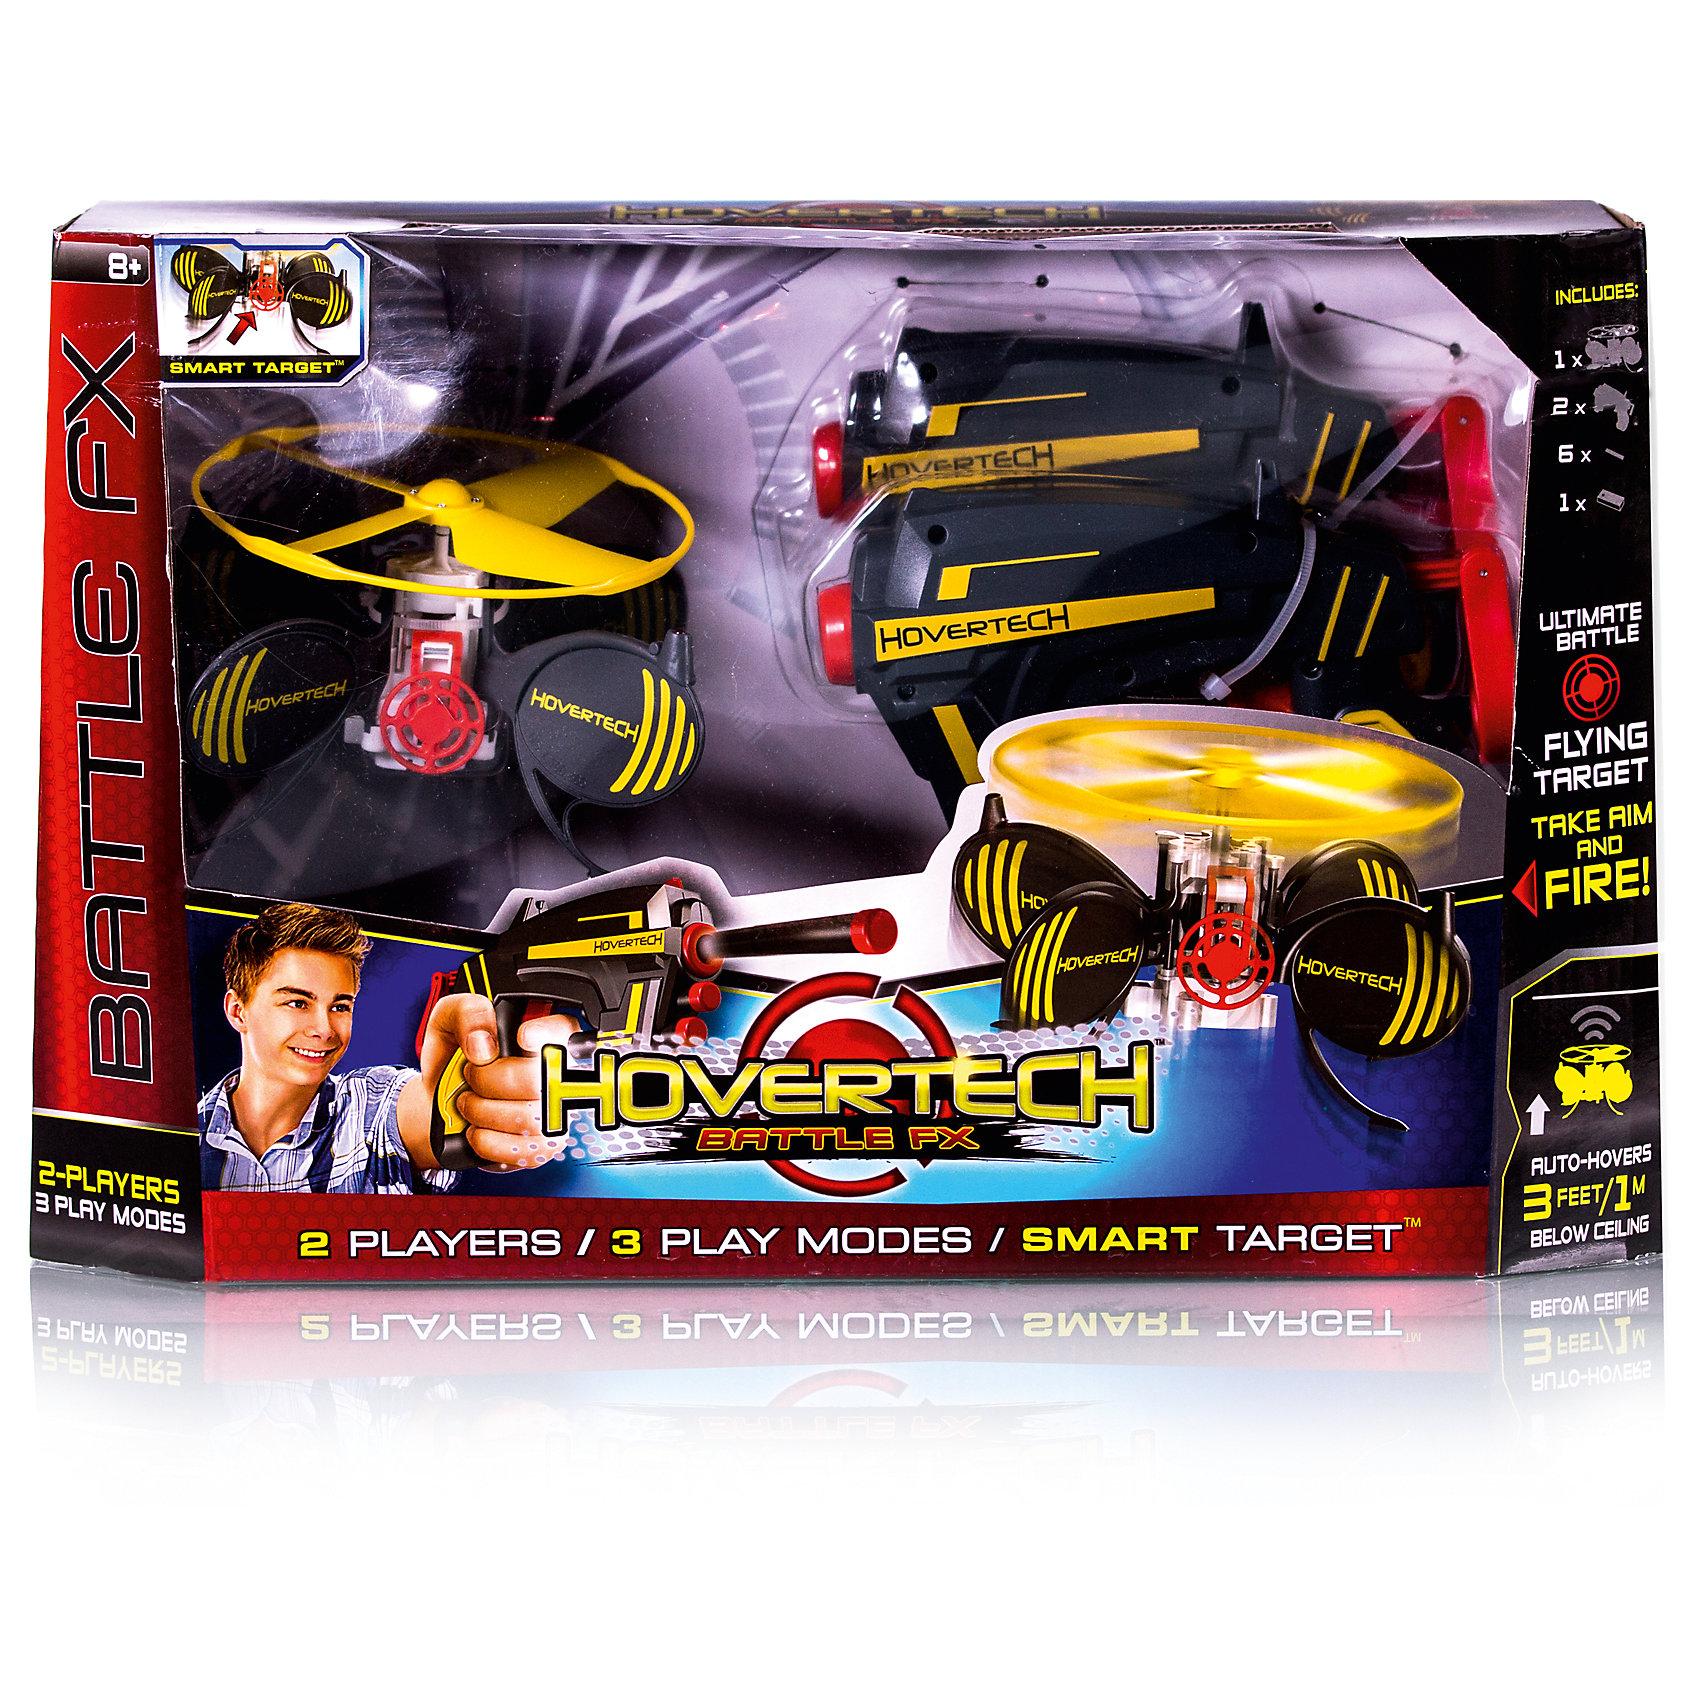 Летающая мишень BattleFX (2 игрока), HoverTech